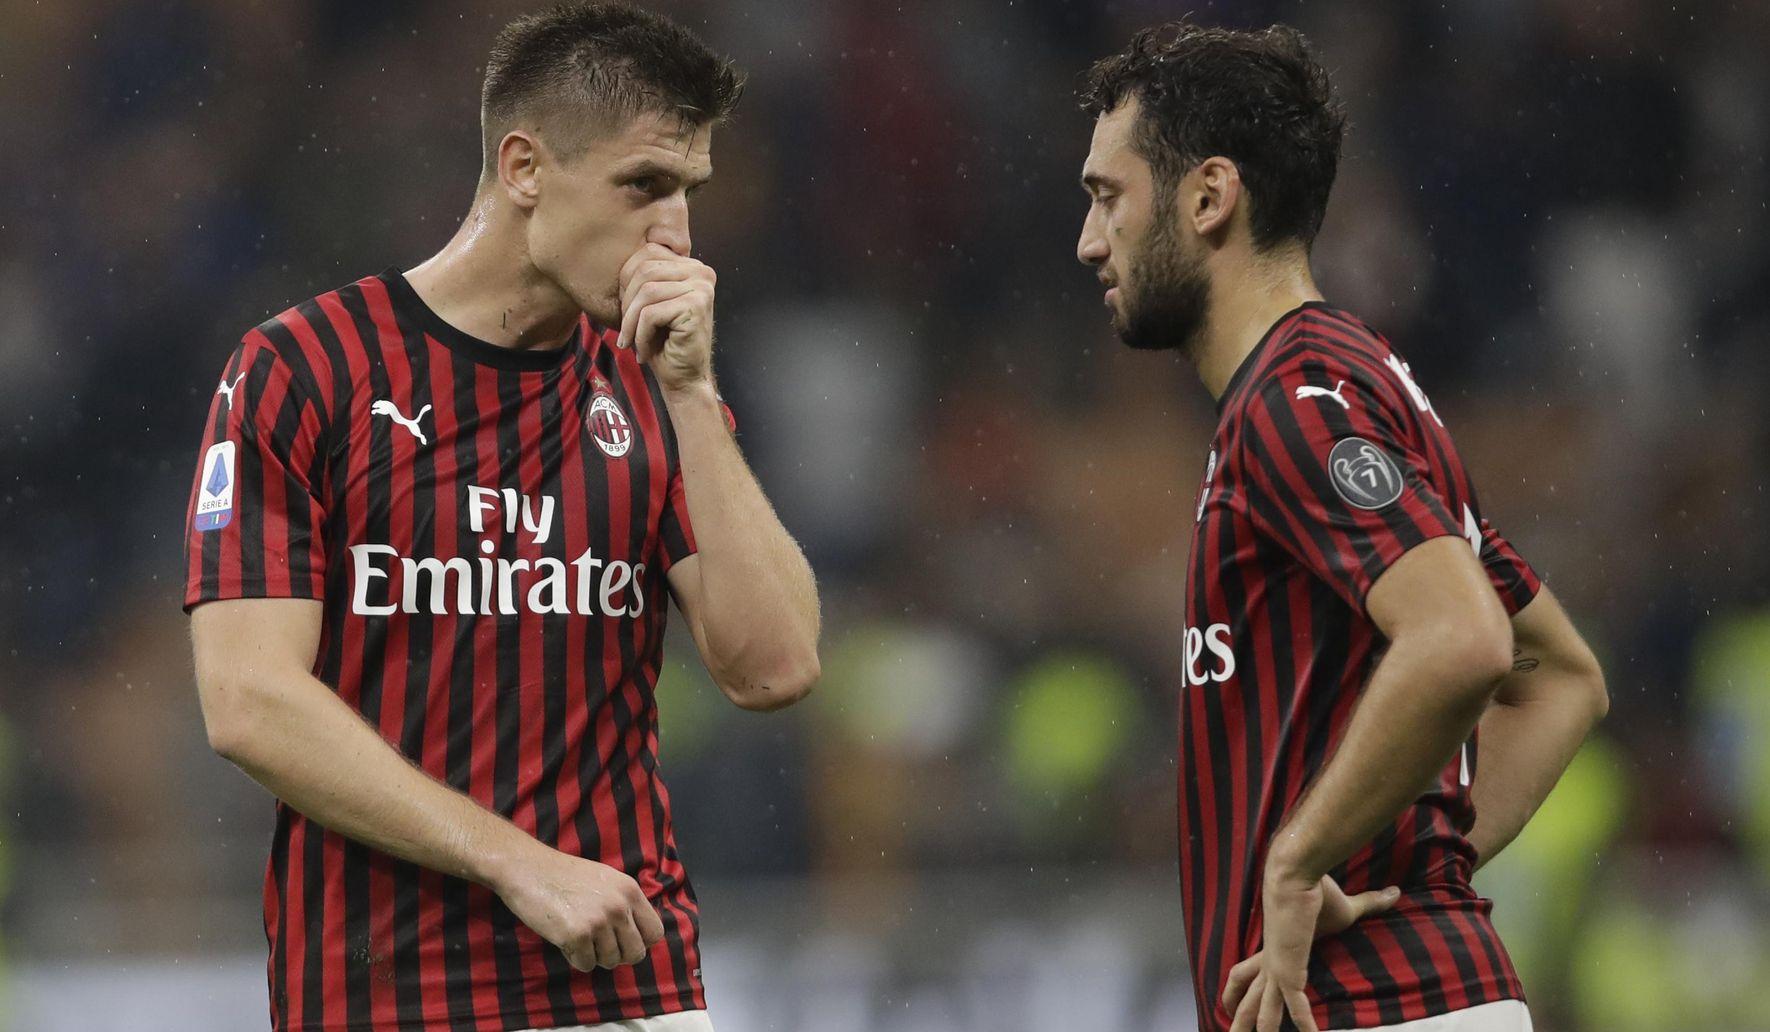 Italy_soccer_serie_a_07934_c0-119-2860-1786_s1770x1032